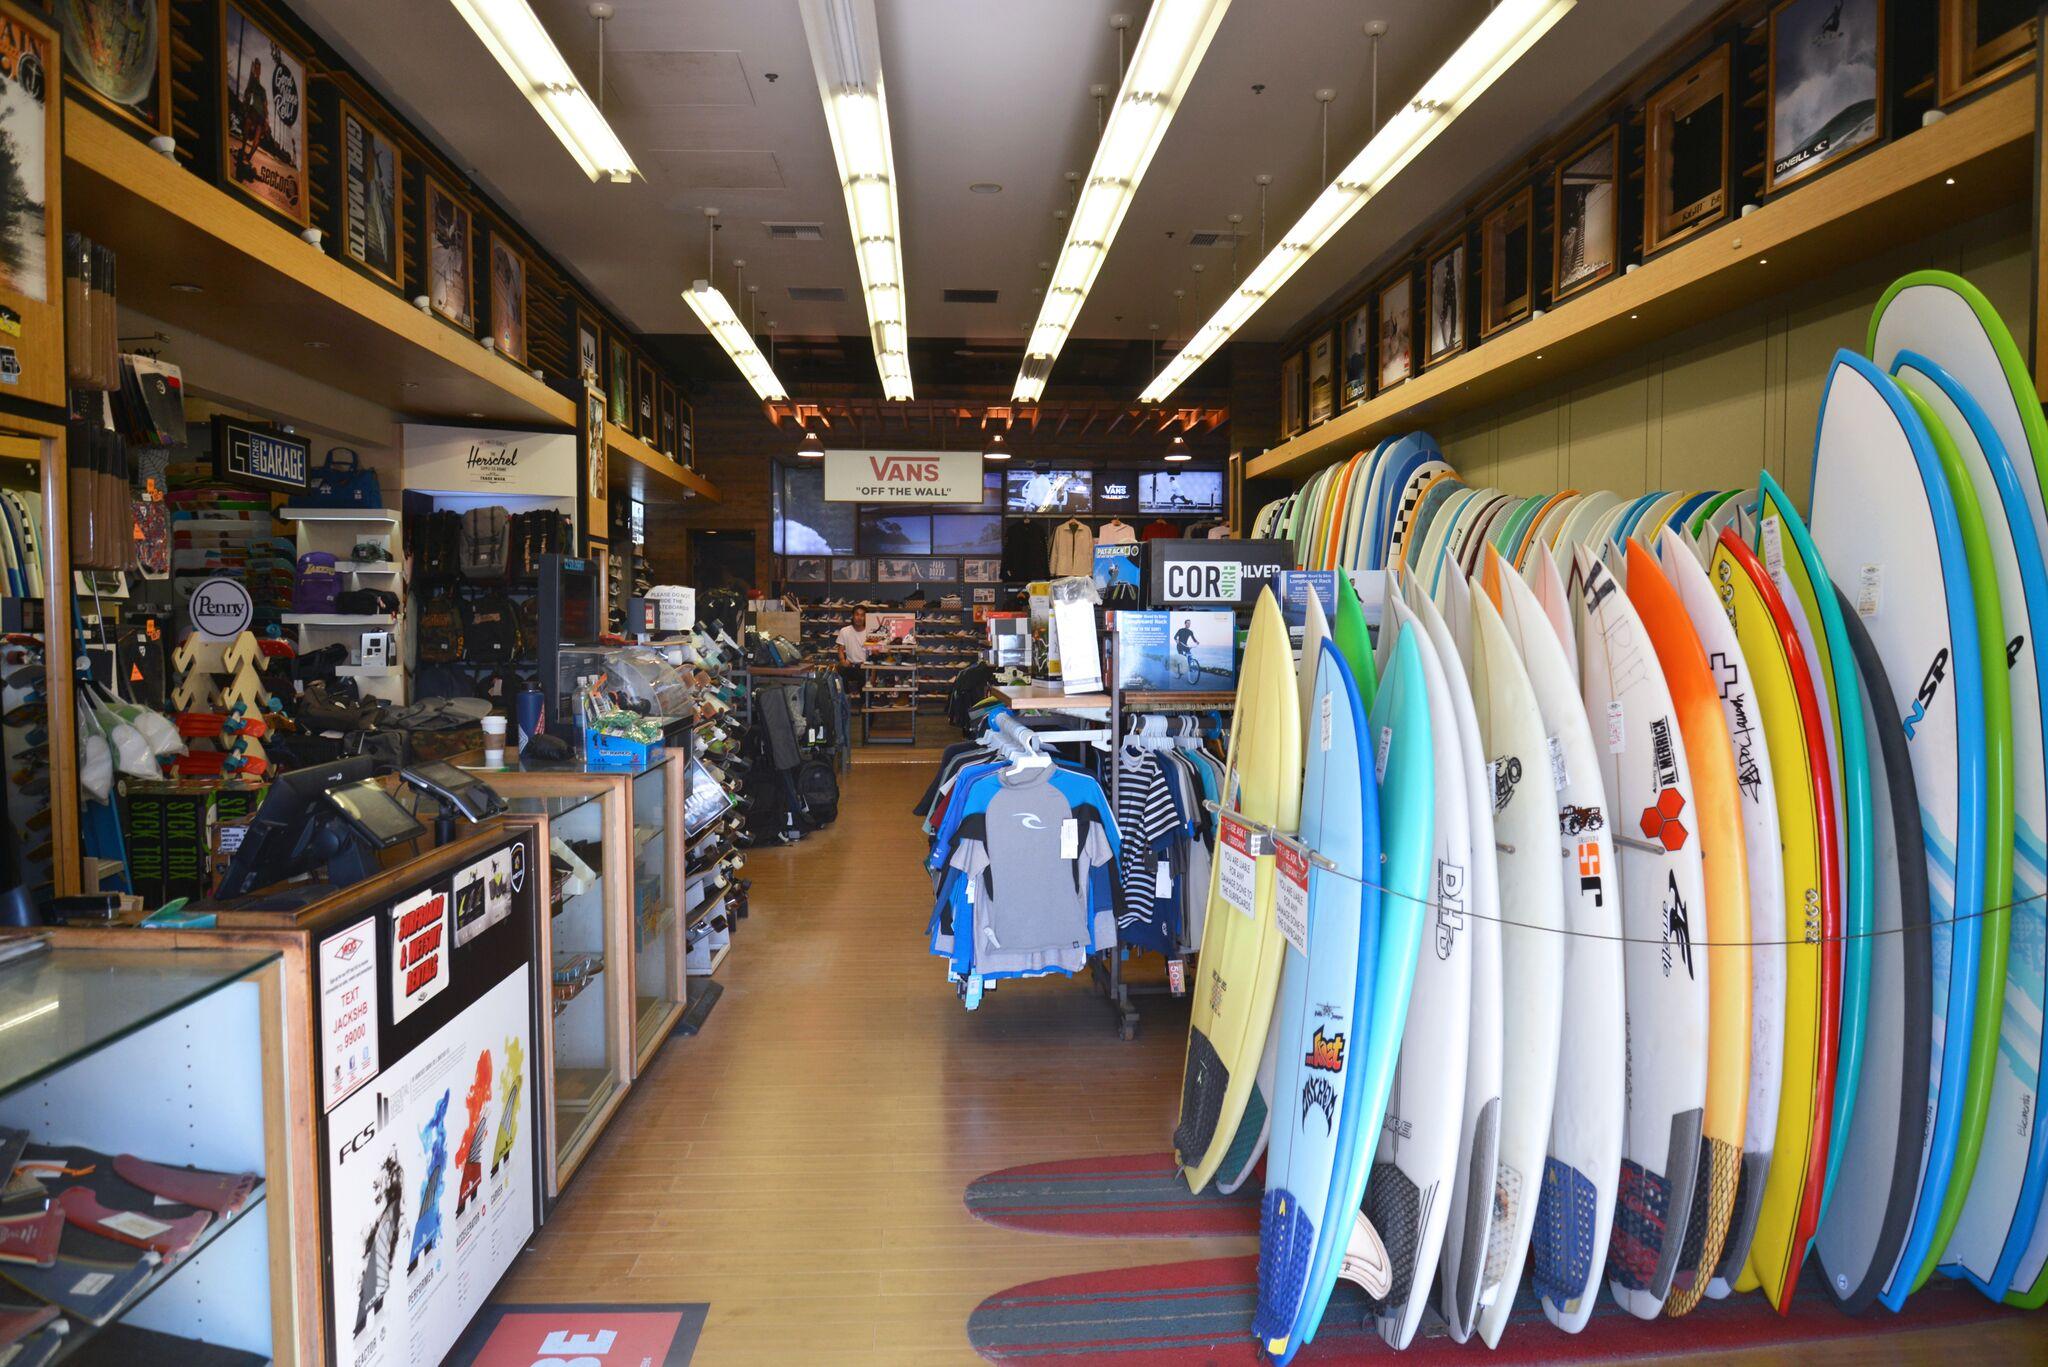 ce2603a1d762b9 Unspecified de a de a deed jpg 2048x1367 Jacks surf shop vans